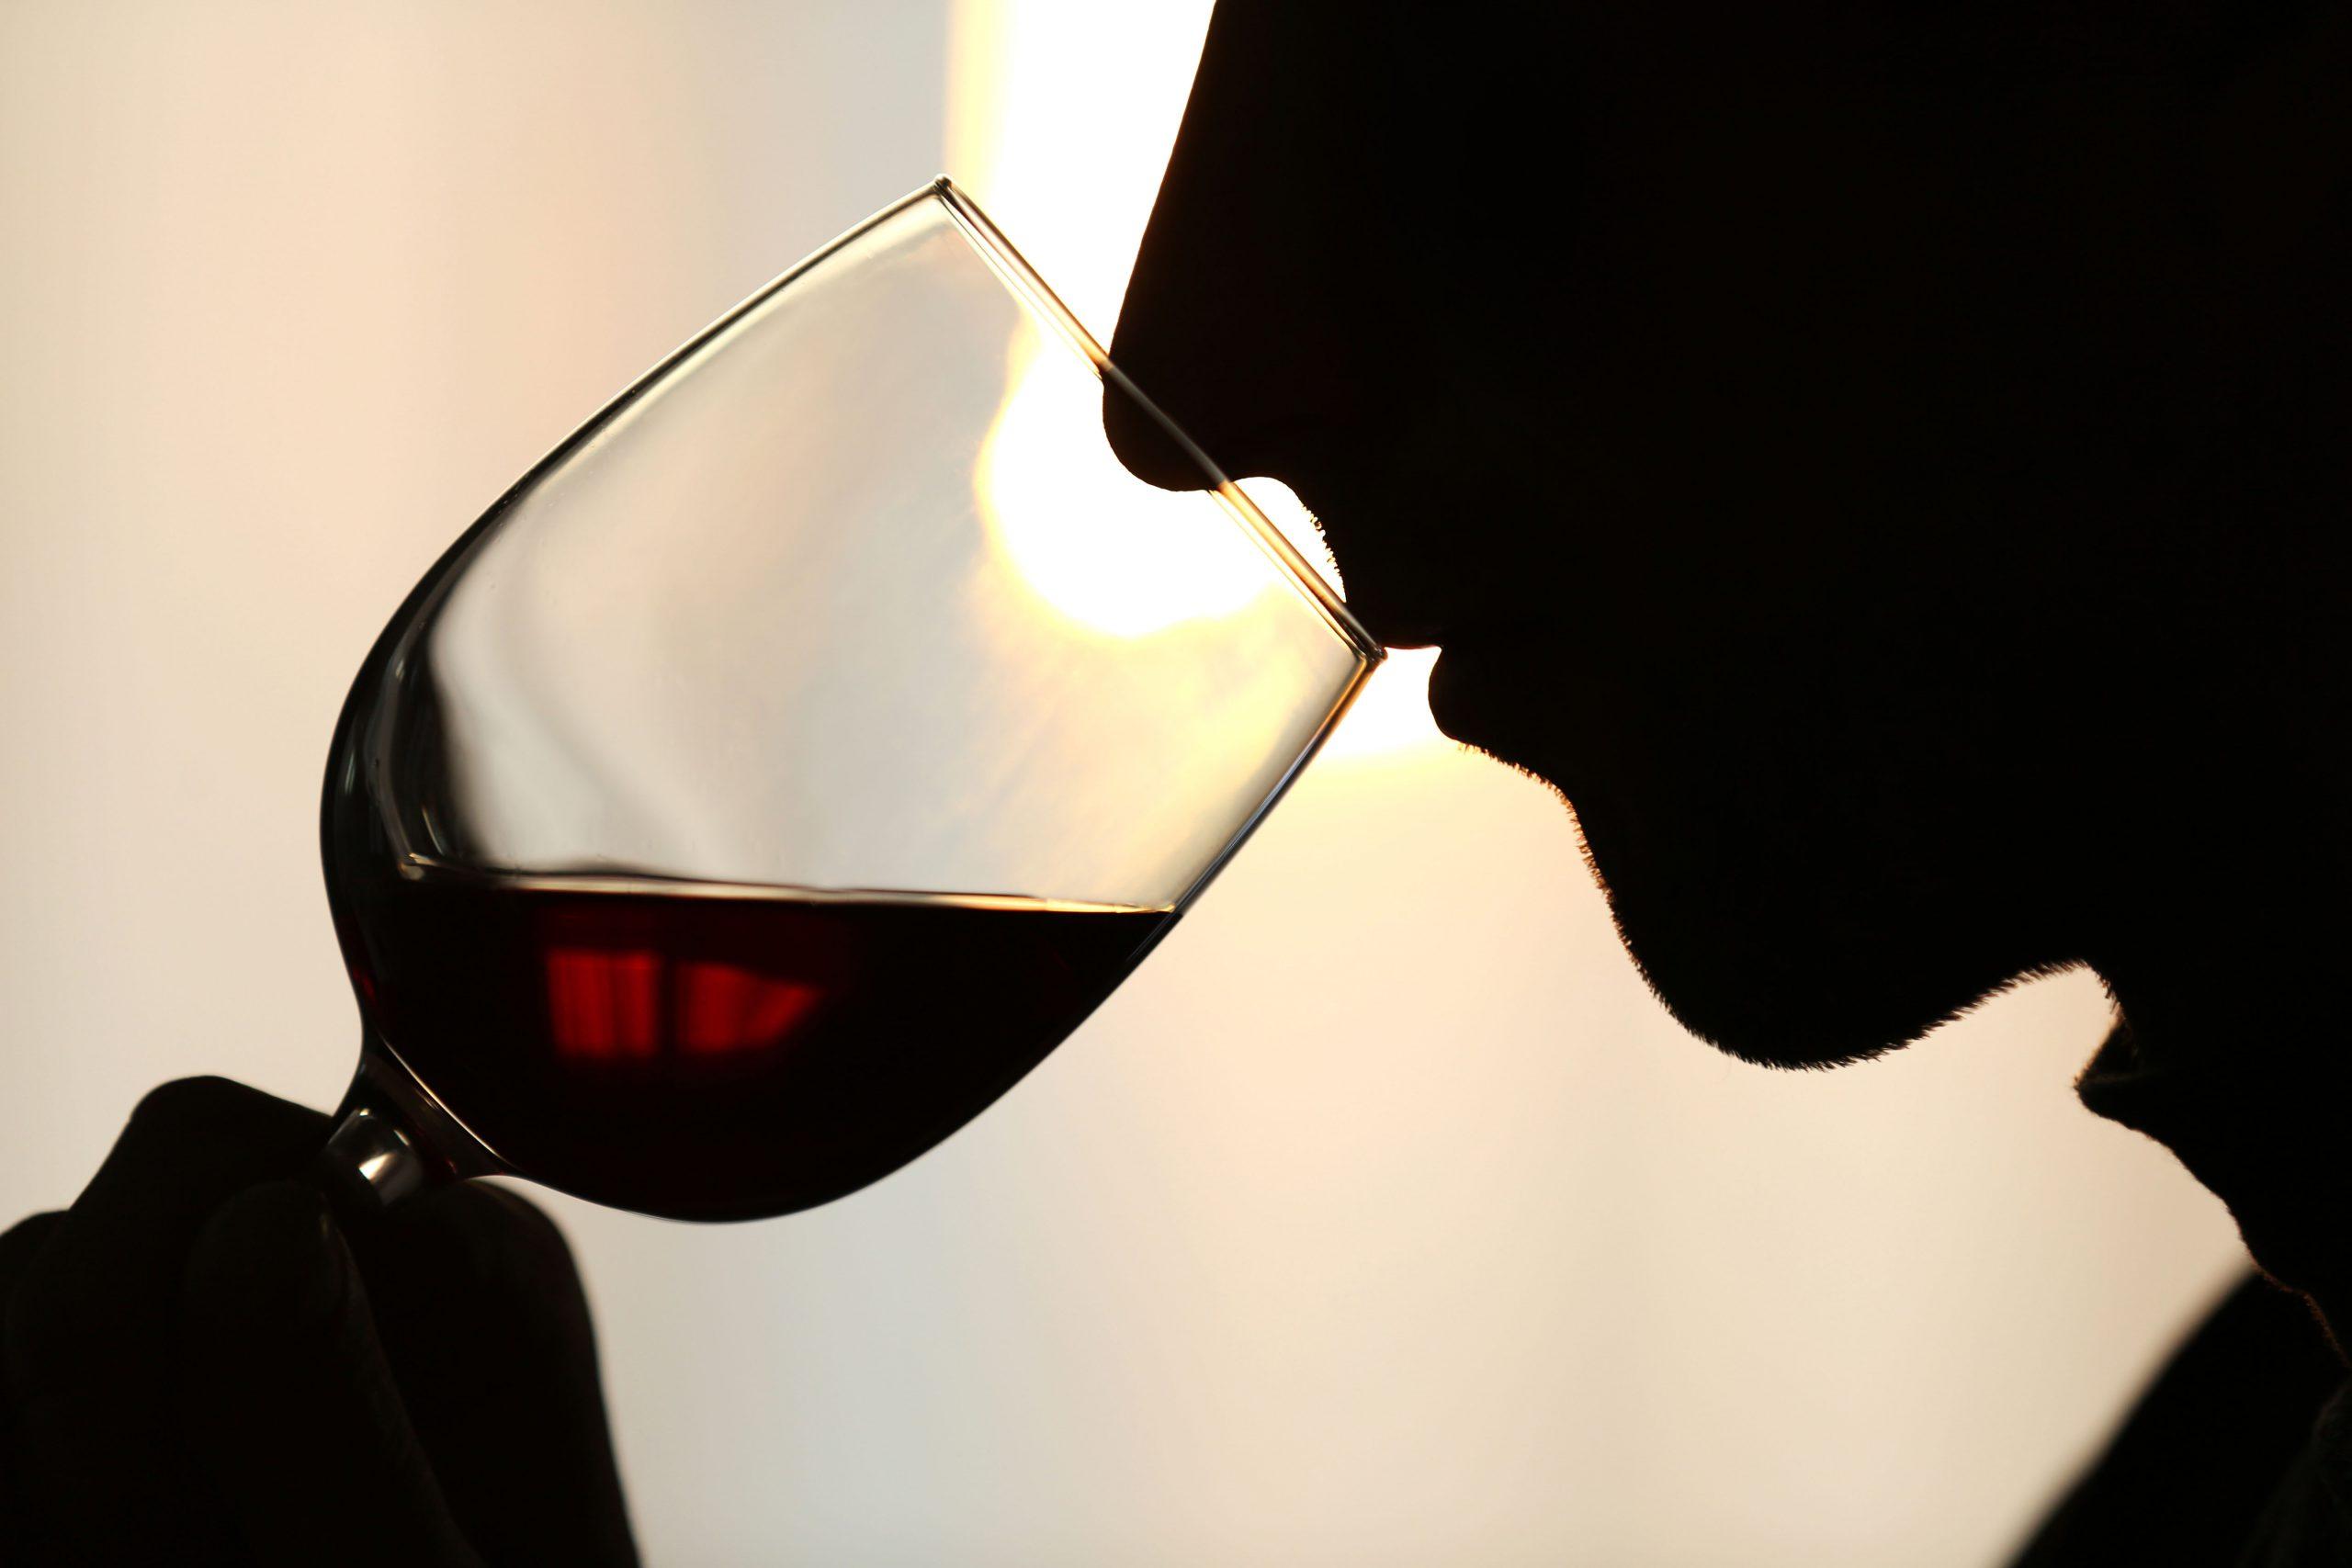 【ワイン初心者】ワインがまずい理由って?ワインを楽しむための対処法をご紹介